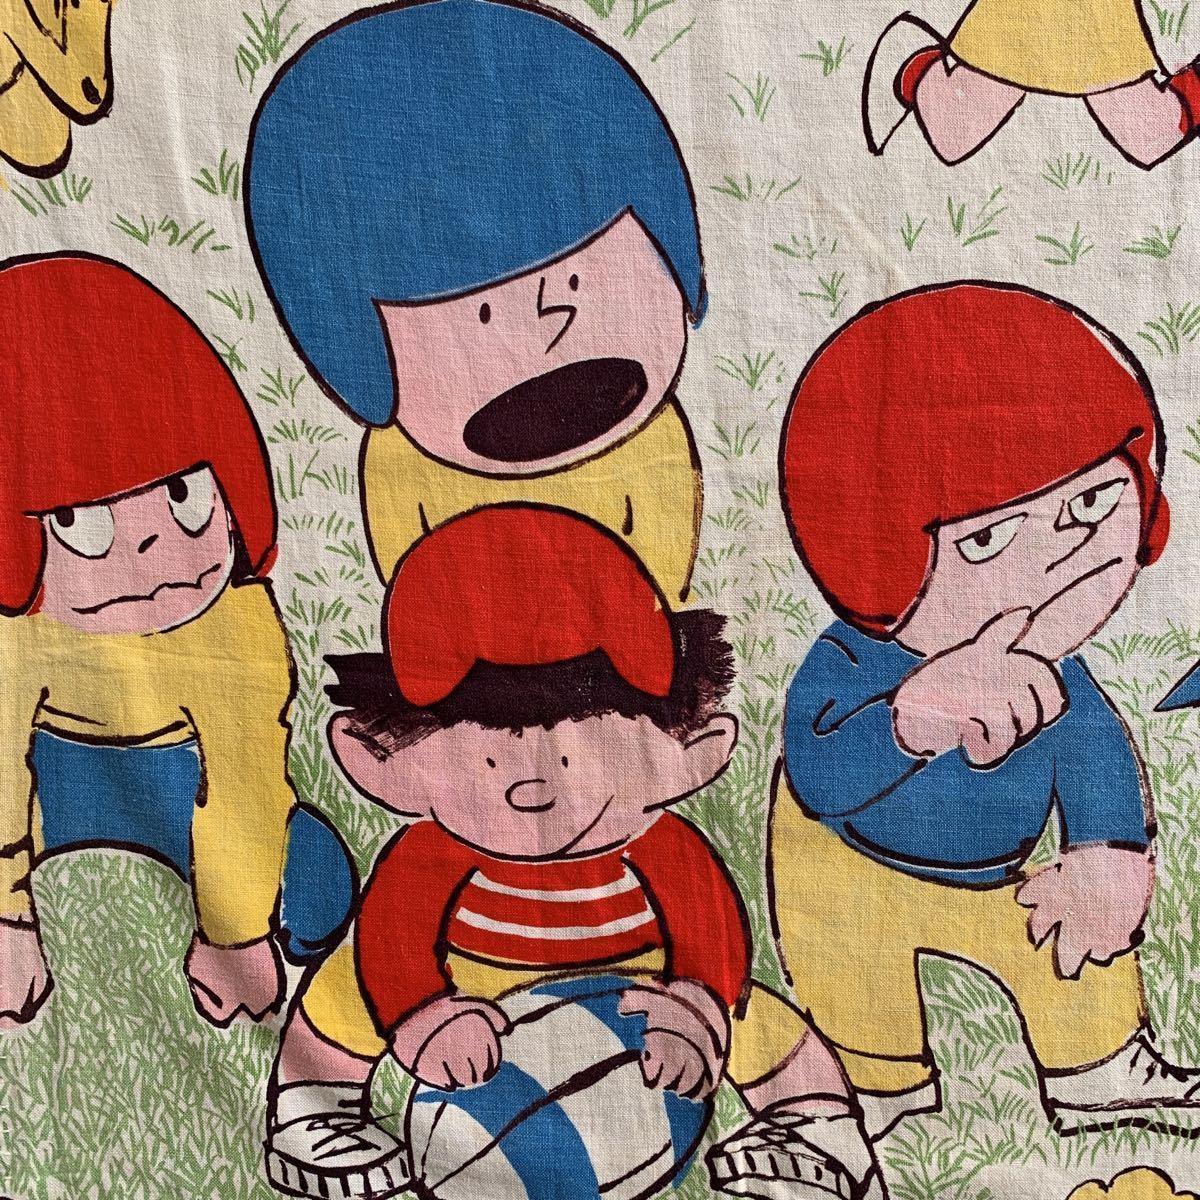 70's アメリカンフットボール柄 アメフト カーテン USED ヴィンテージ リメイク 雑貨 古着屋 ハンドメイド アンティーク デッドストック_画像1